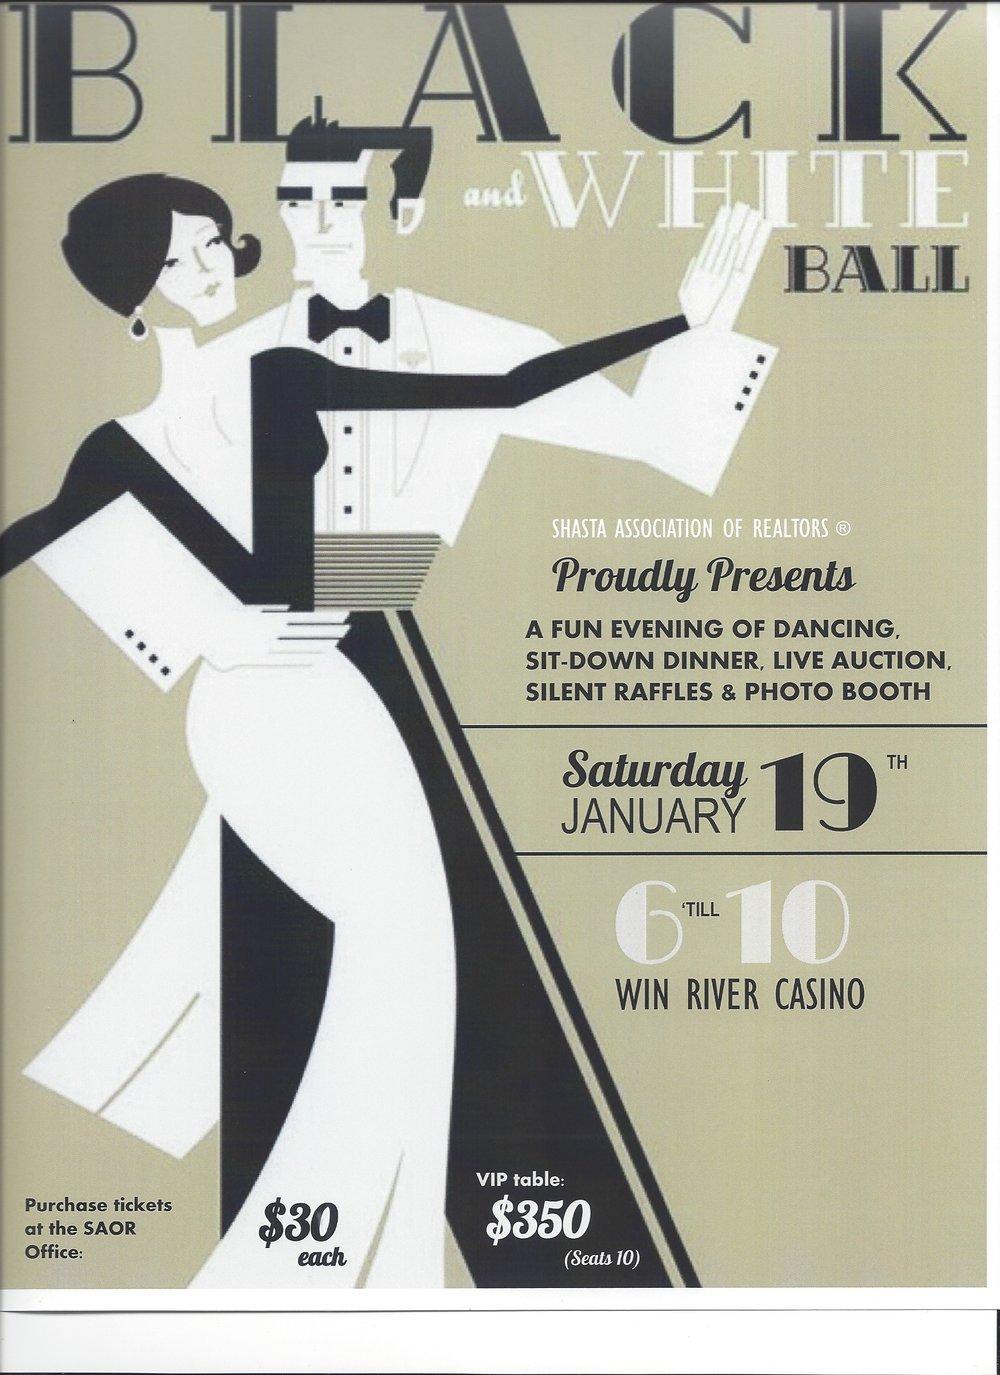 18-12-06;Black & White Ball 2019 Flyer.jpg